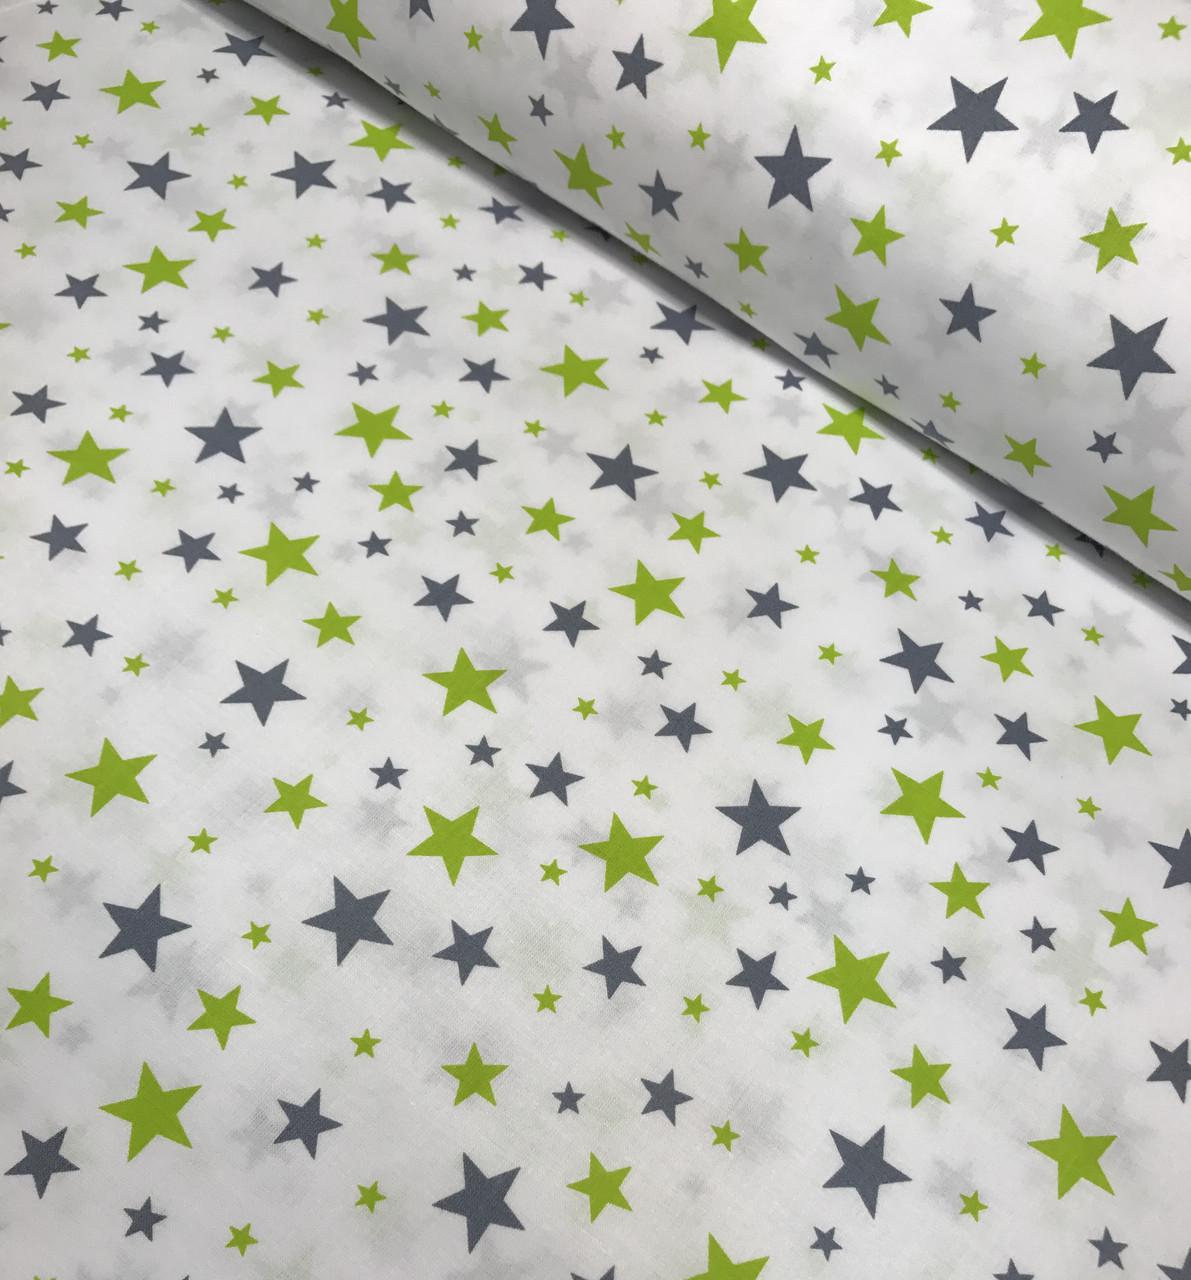 Хлопковая ткань польская звезды серо-салатовые большие и маленькие на белом №410